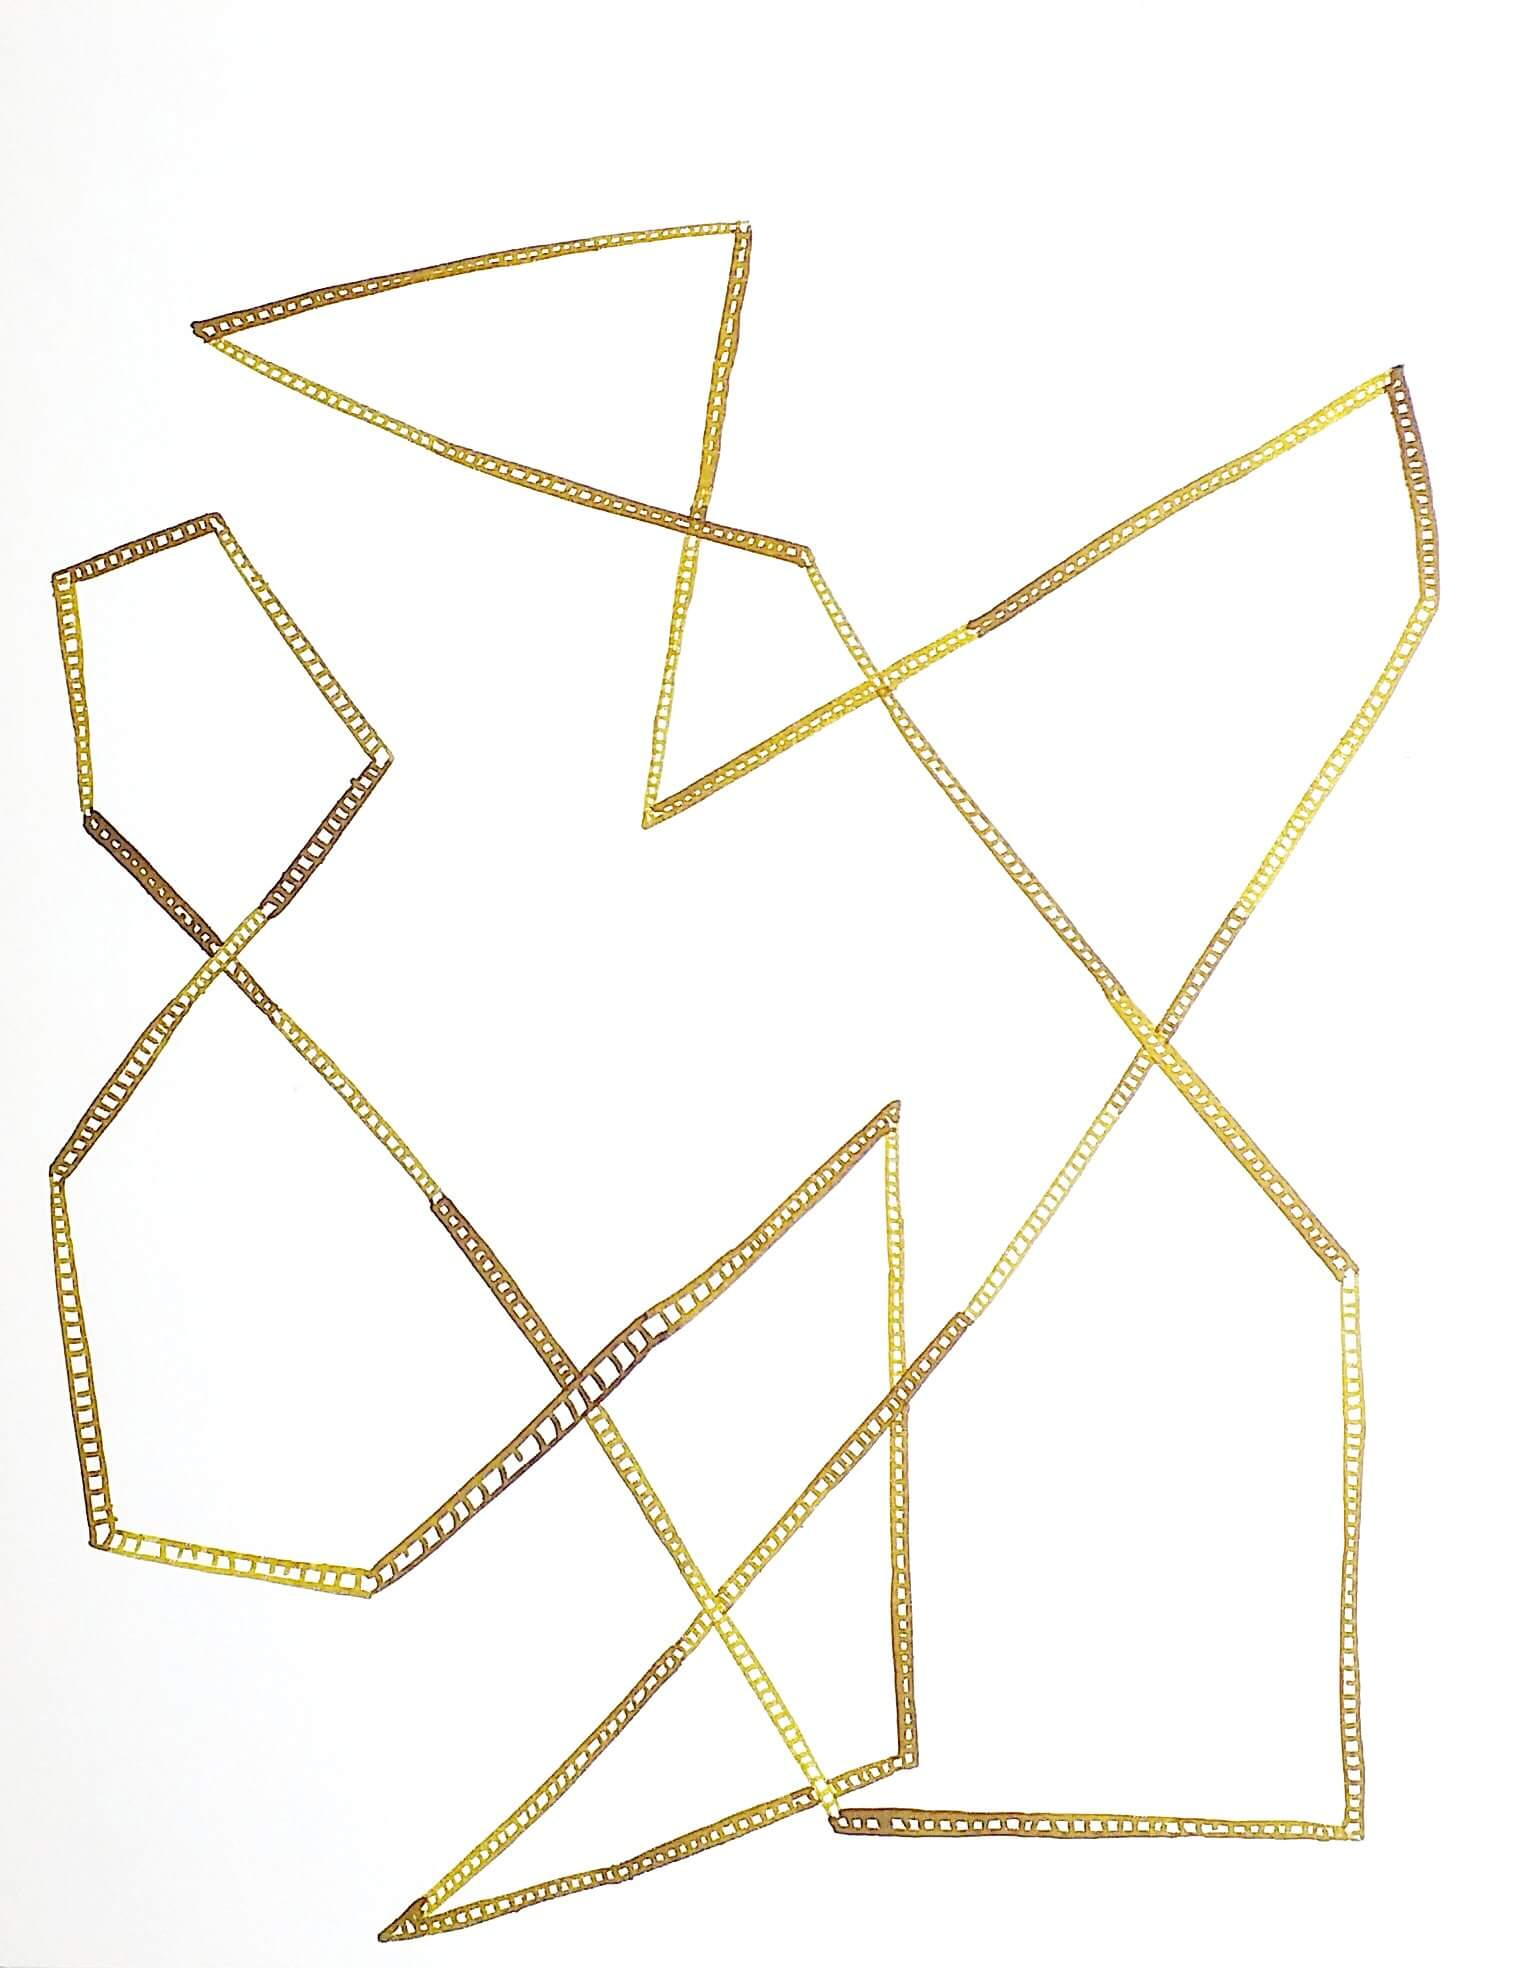 Olivia Flecha. Tobacco Ladders , 2014